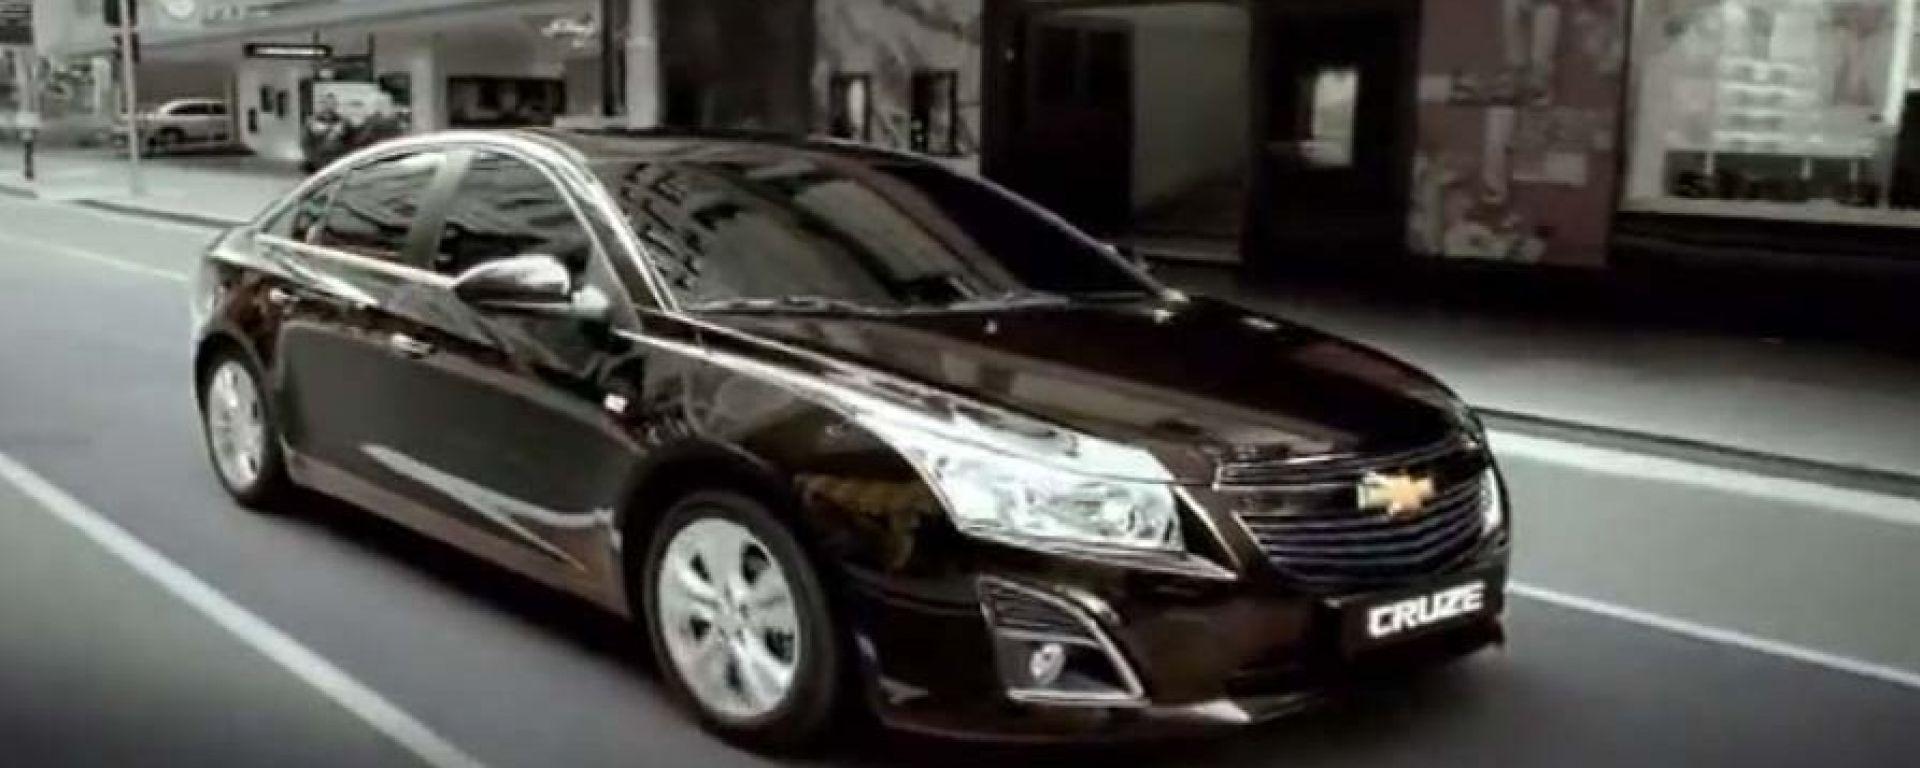 Chevrolet Cruze 2013, la prima uscita è in video